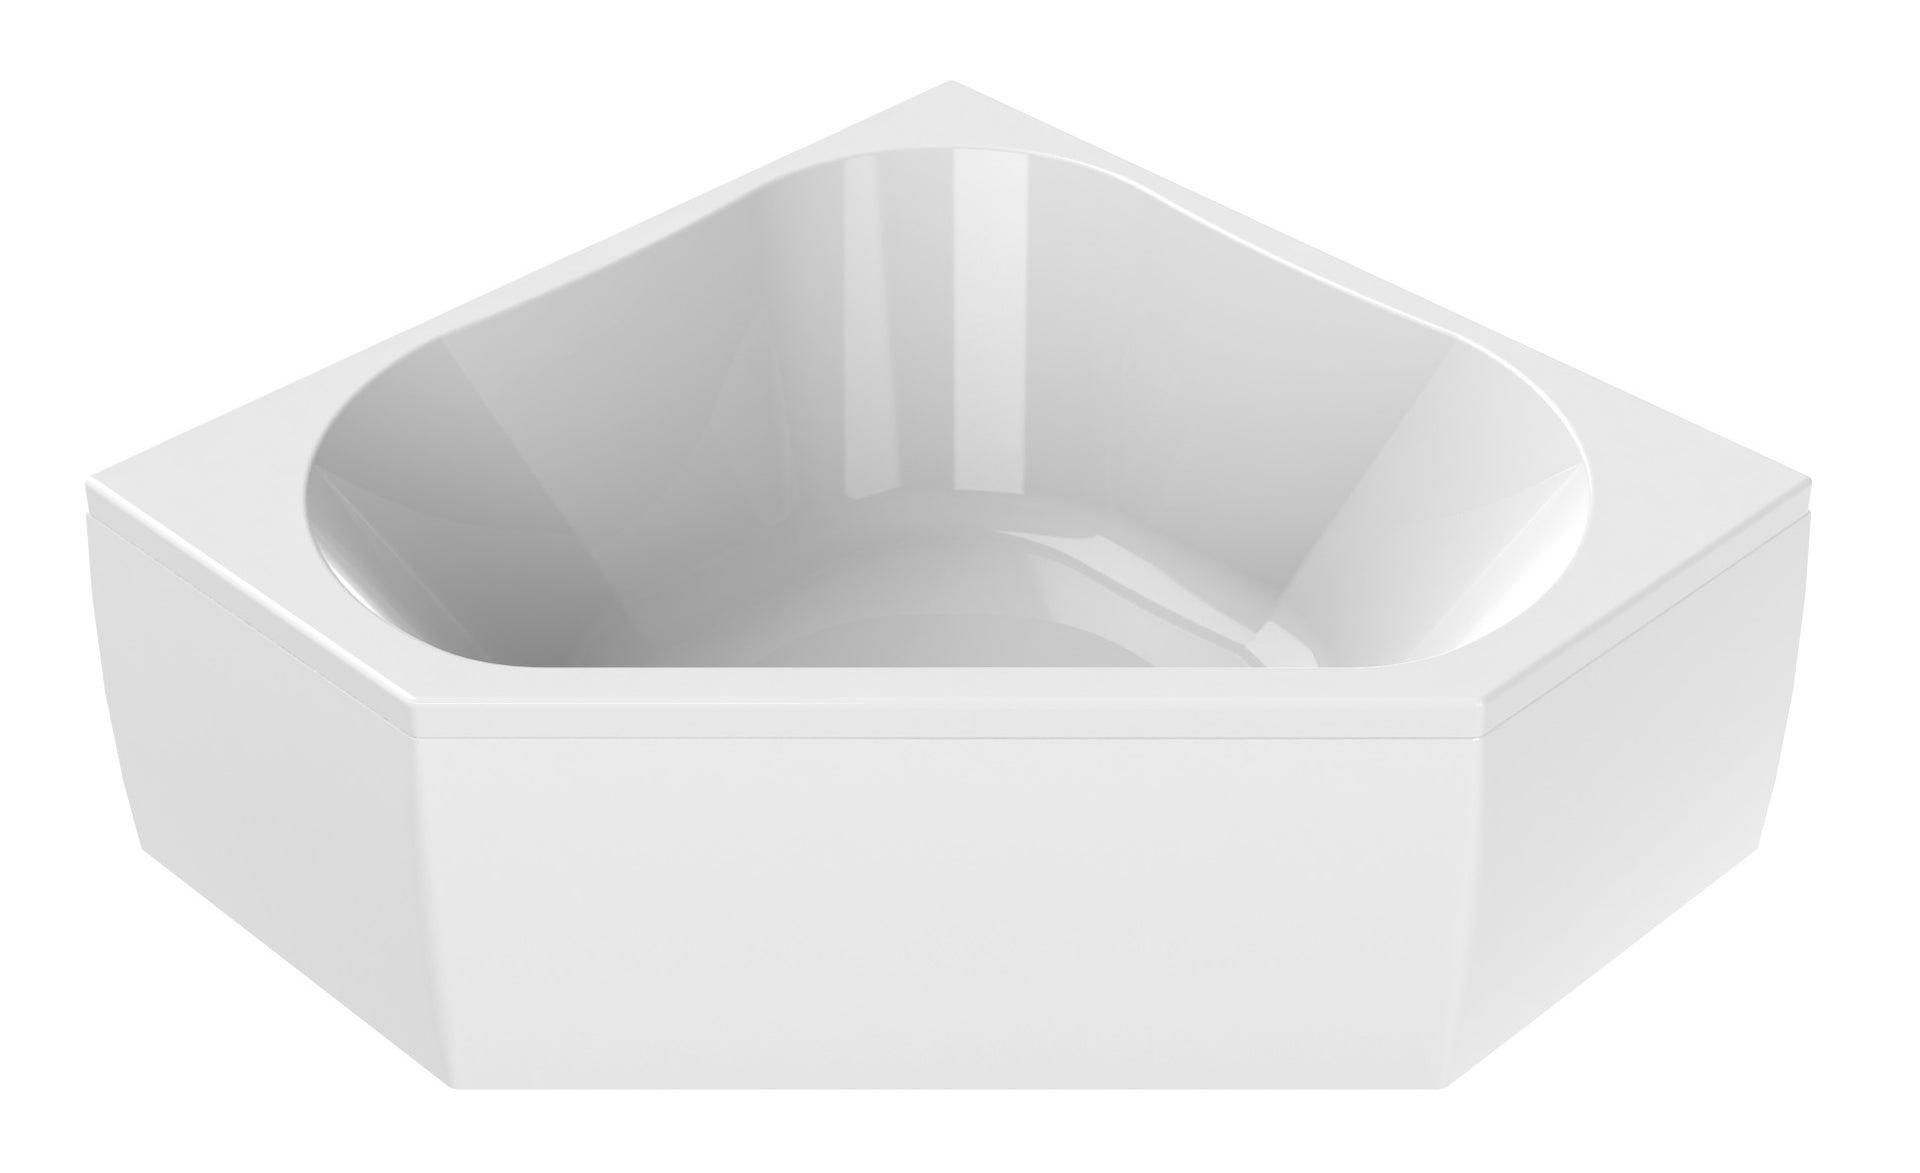 Tablier De Baignoire L 150x L 150 Cm Blanc Sensea Premium Design Leroy Merlin